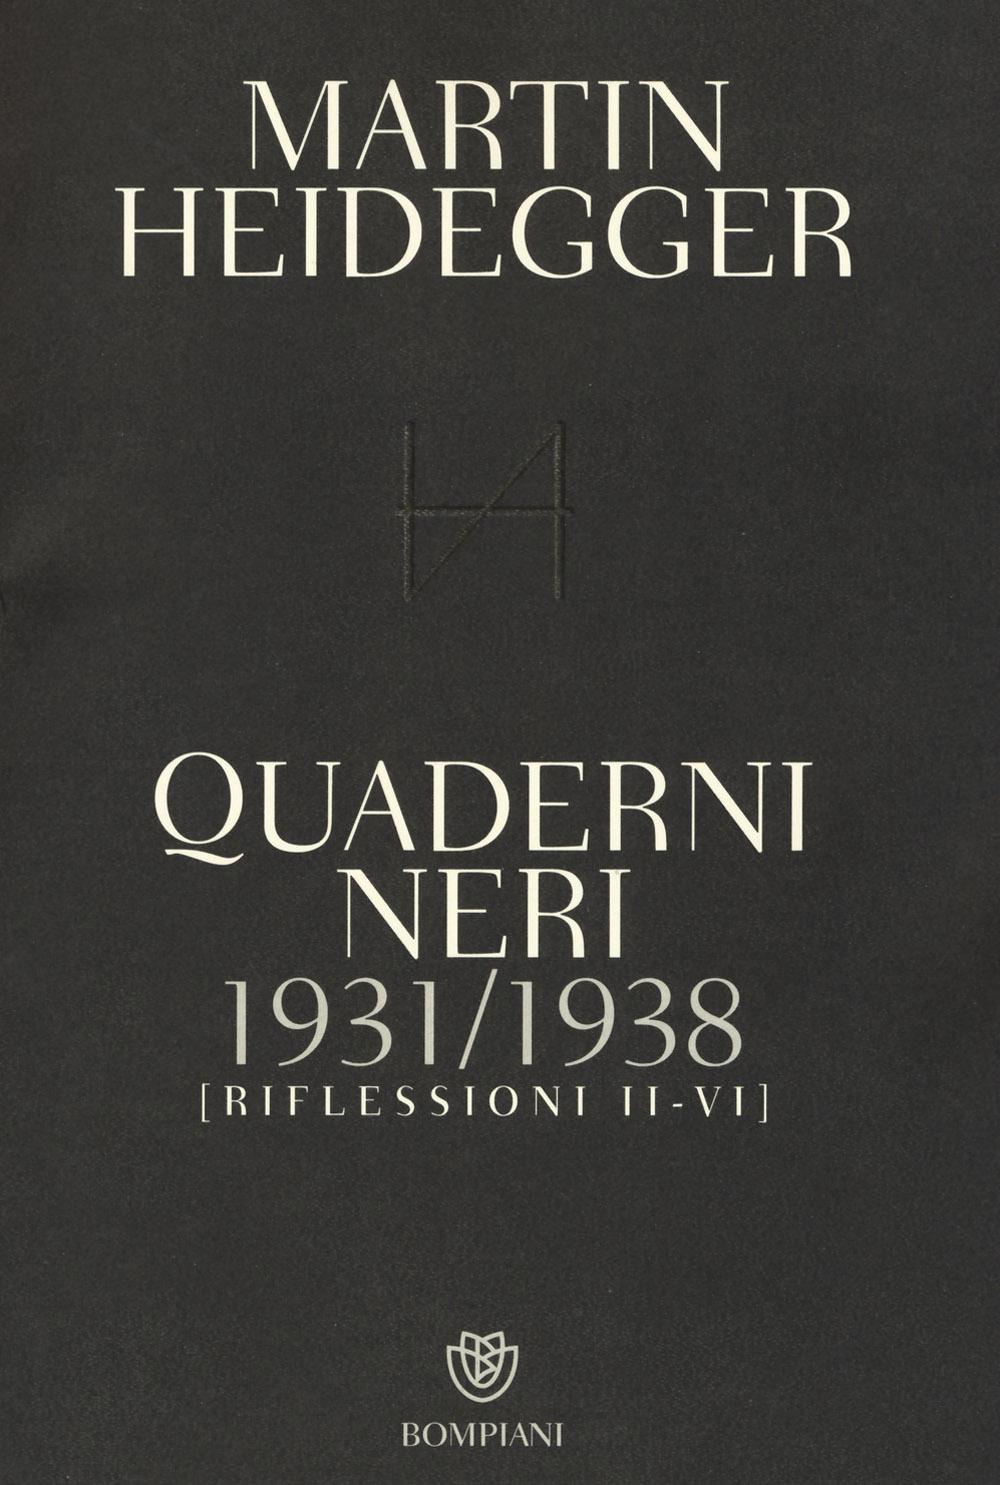 Quaderni neri 1931-1938. Riflessioni II-VI